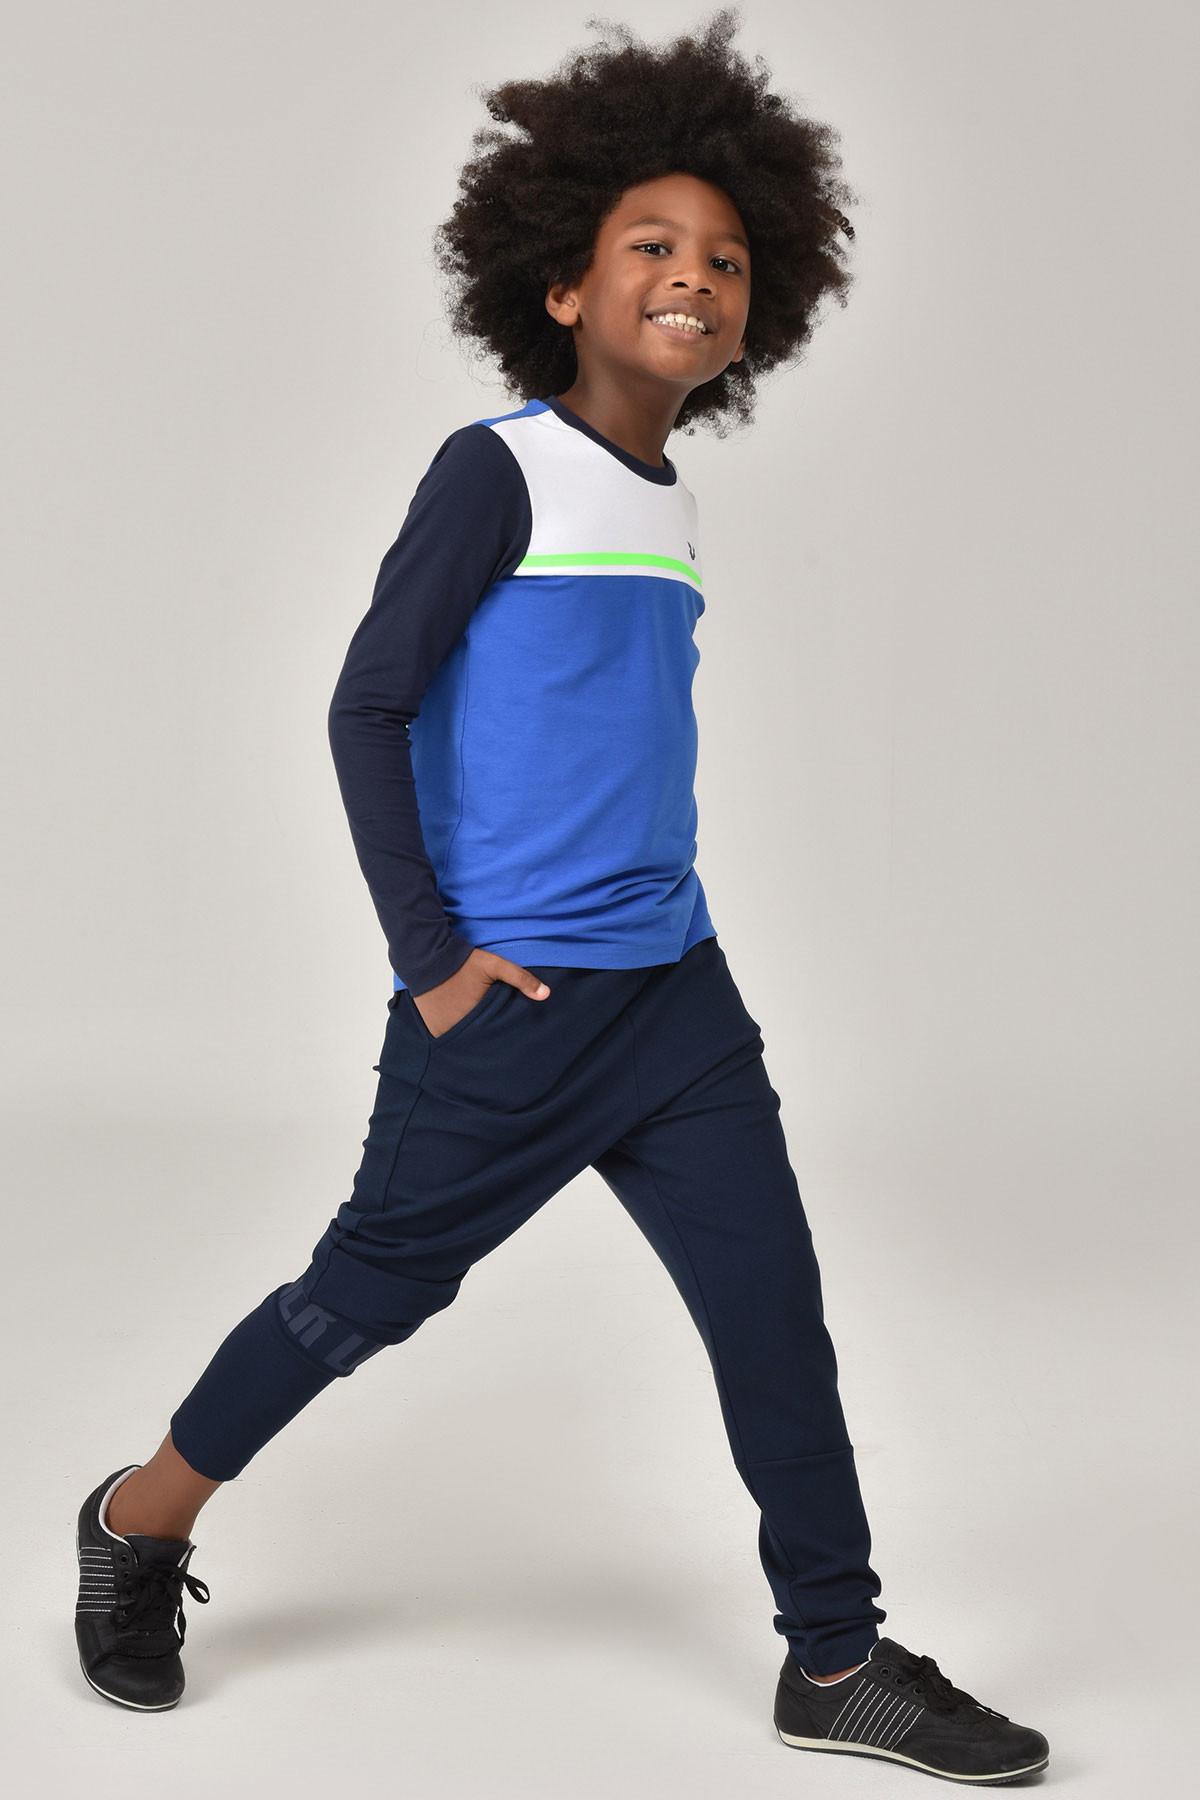 Bilcee Mavi Unisex Uzun Kol Çocuk T-Shirt FW-1487 BİLCEE